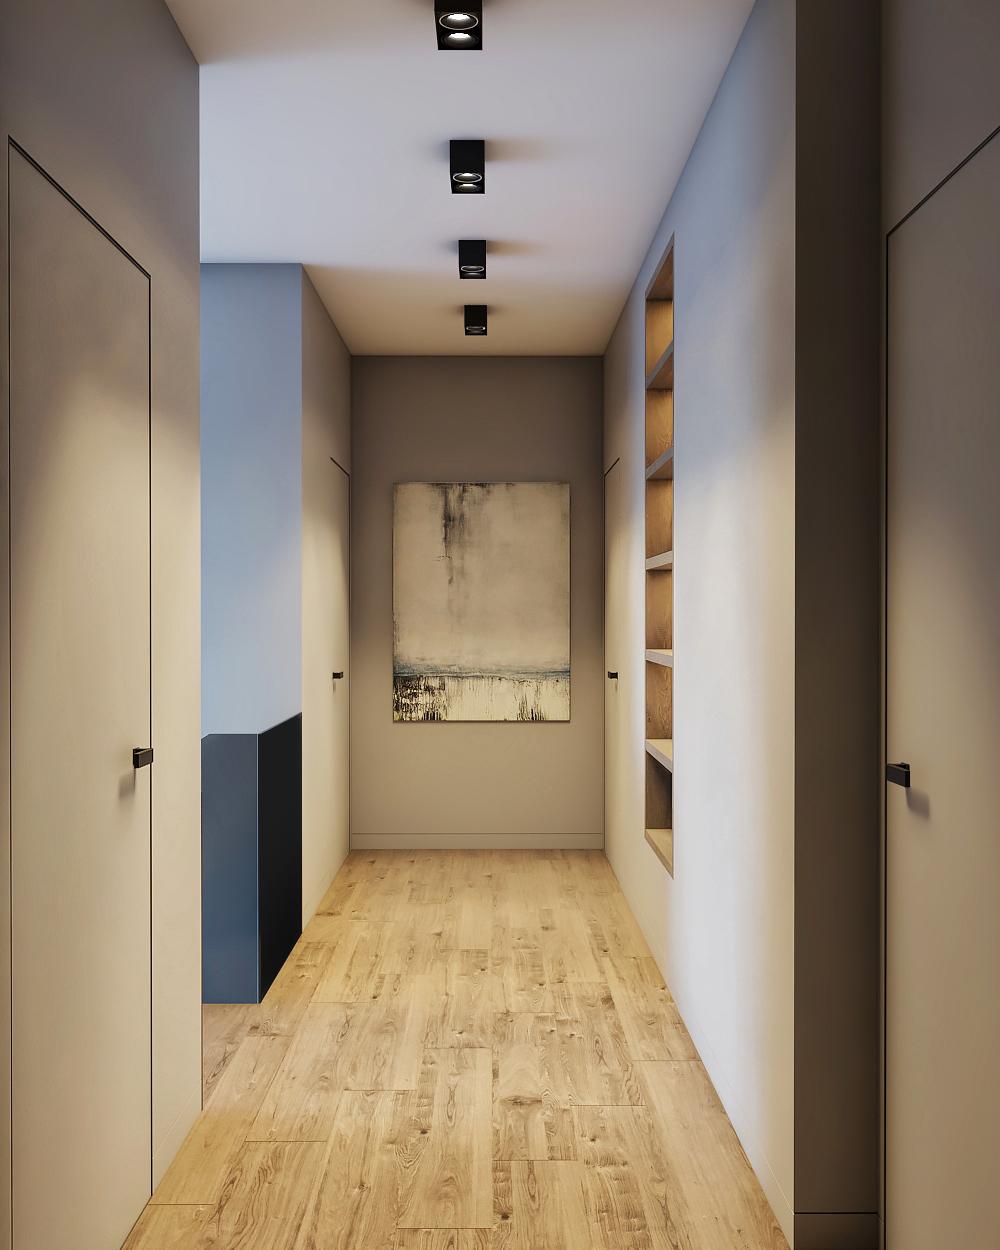 Дизайн лестницы и холла в доме в современном стиле